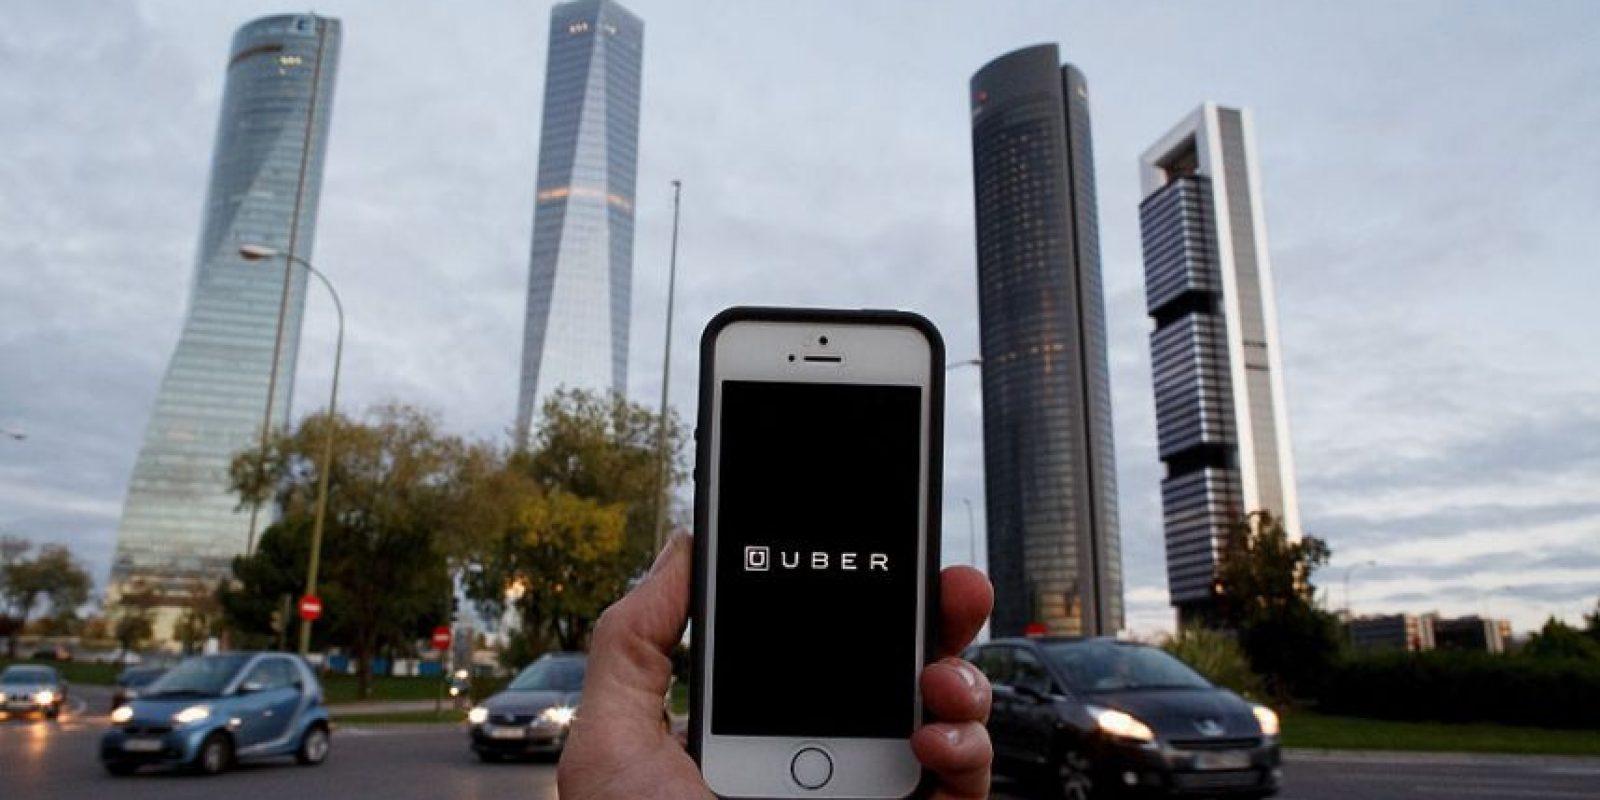 Este no es el único caso en el que un auto de Uber se ve involucrado en algún tipo de crimen. Foto:Getty Images